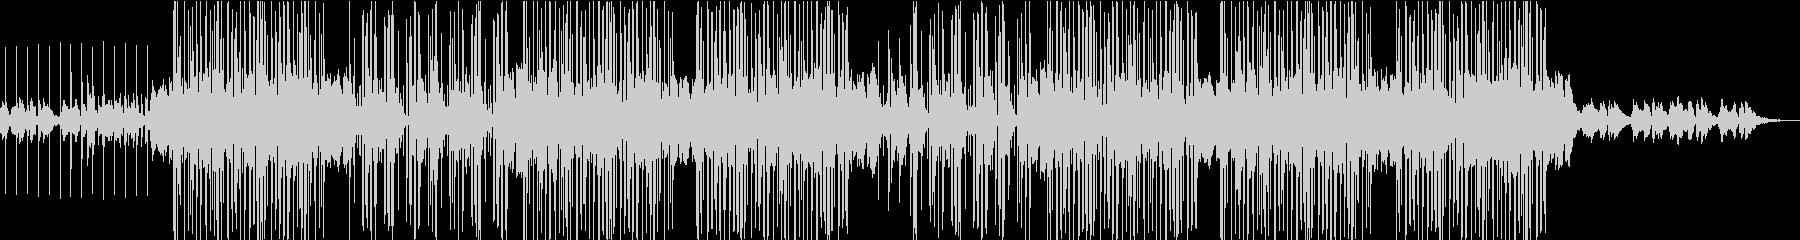 ダブステップでチャームのある曲の未再生の波形